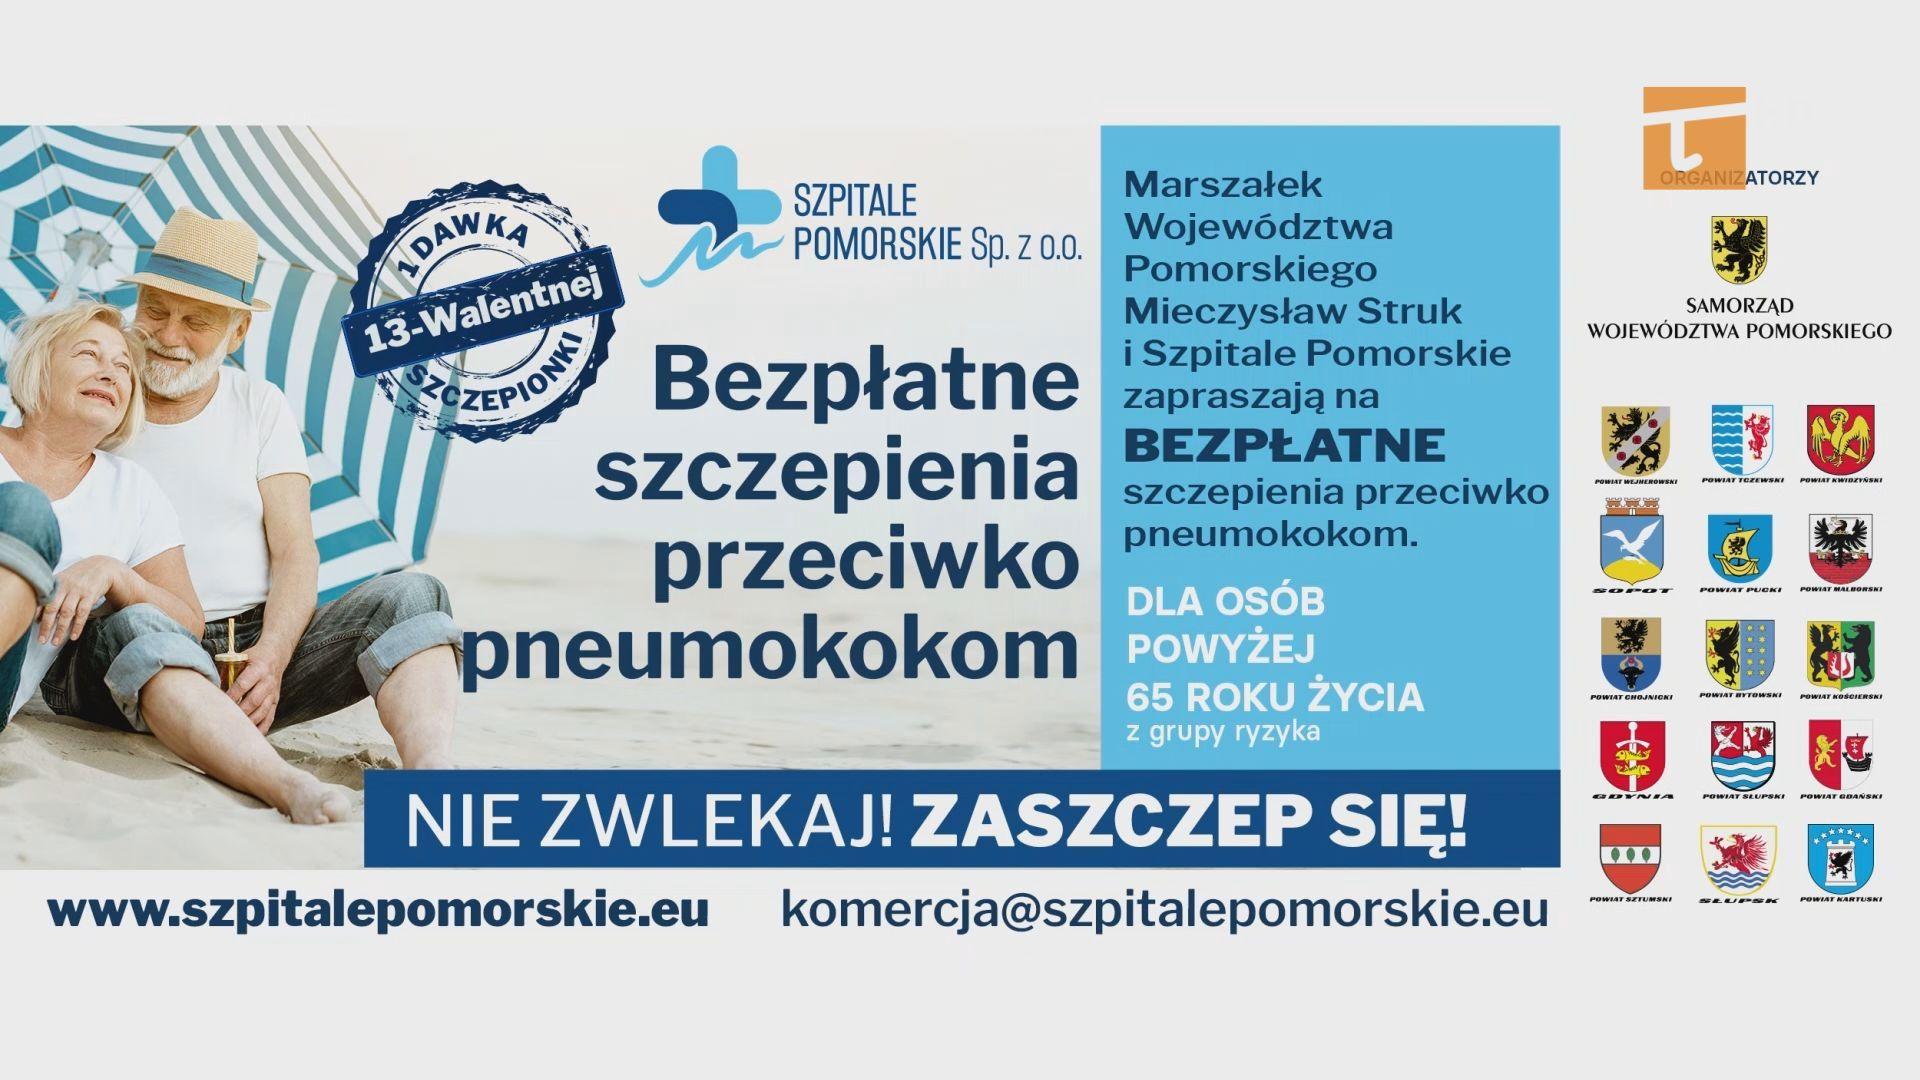 Około dwustu mieszkańców powiatu tczewskiego zostanie zaszczepionych przeciwko pneumokokom